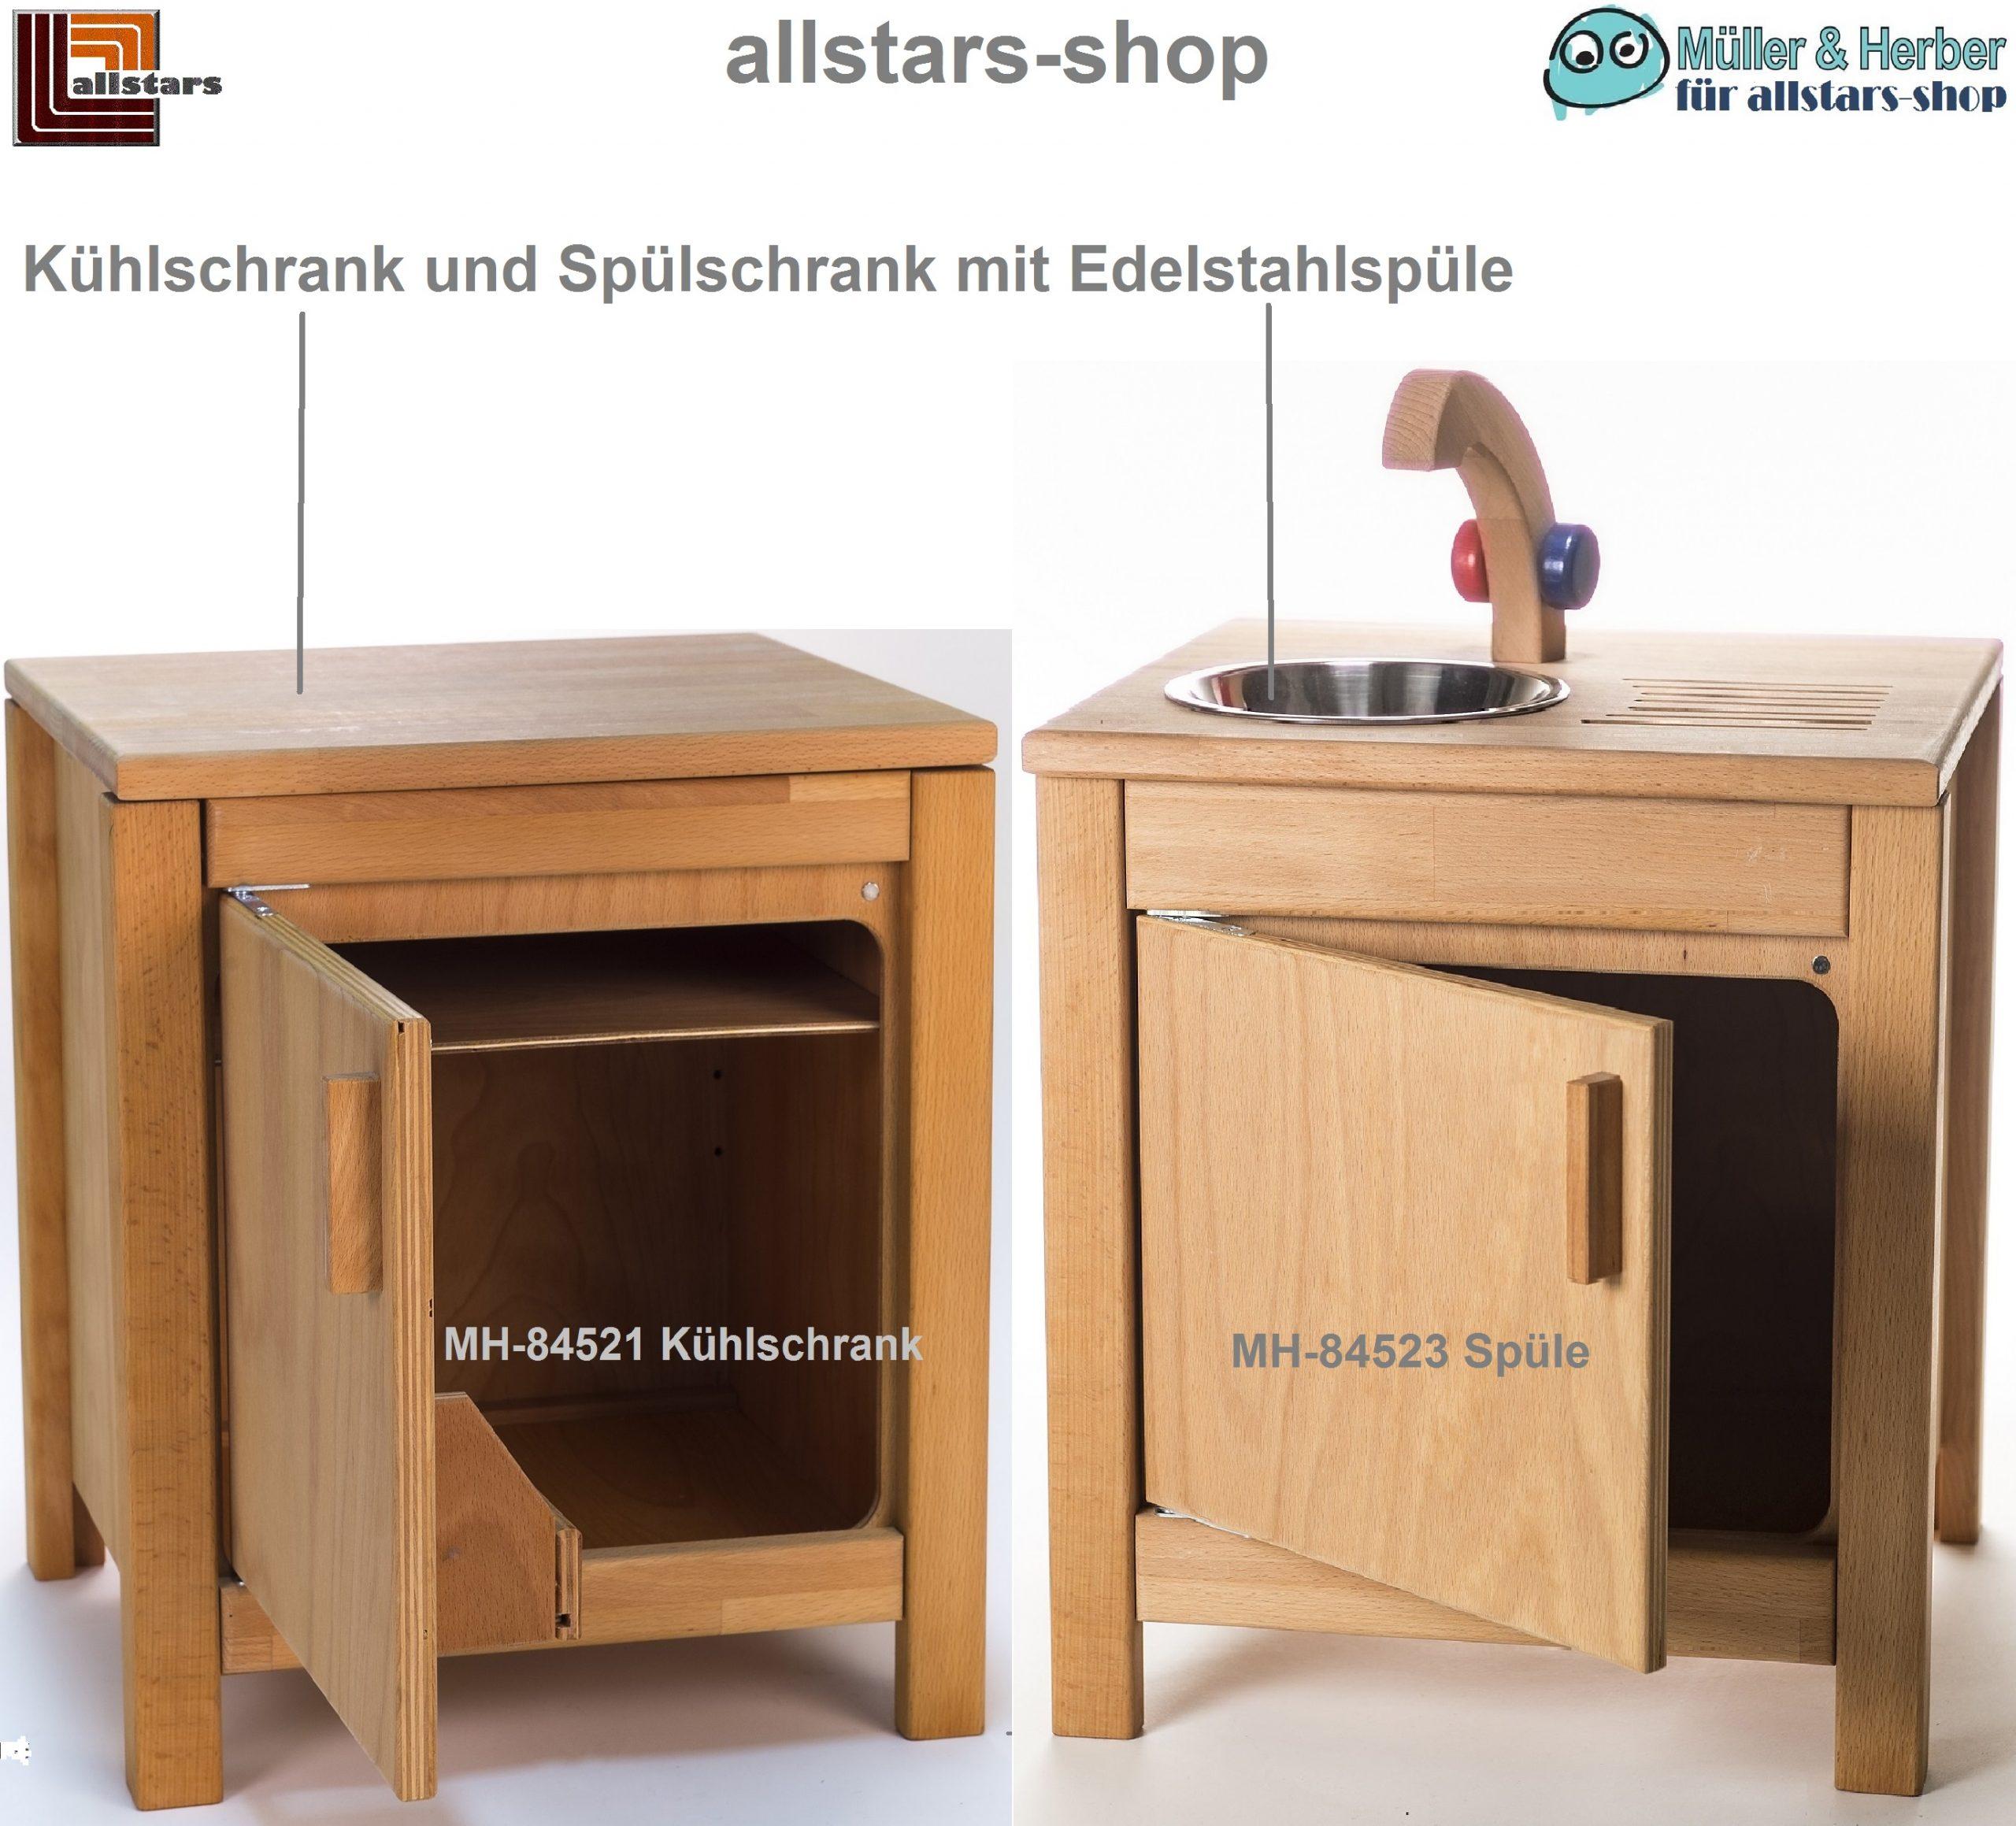 Allstars Kinderkuche Puppen Kuhlschrank Und V2a Spule Mit Unterschrank H 45 5 Cm Spiel Und Sportgerate Fur Kindergarten Und Kommunen Allstars Shop